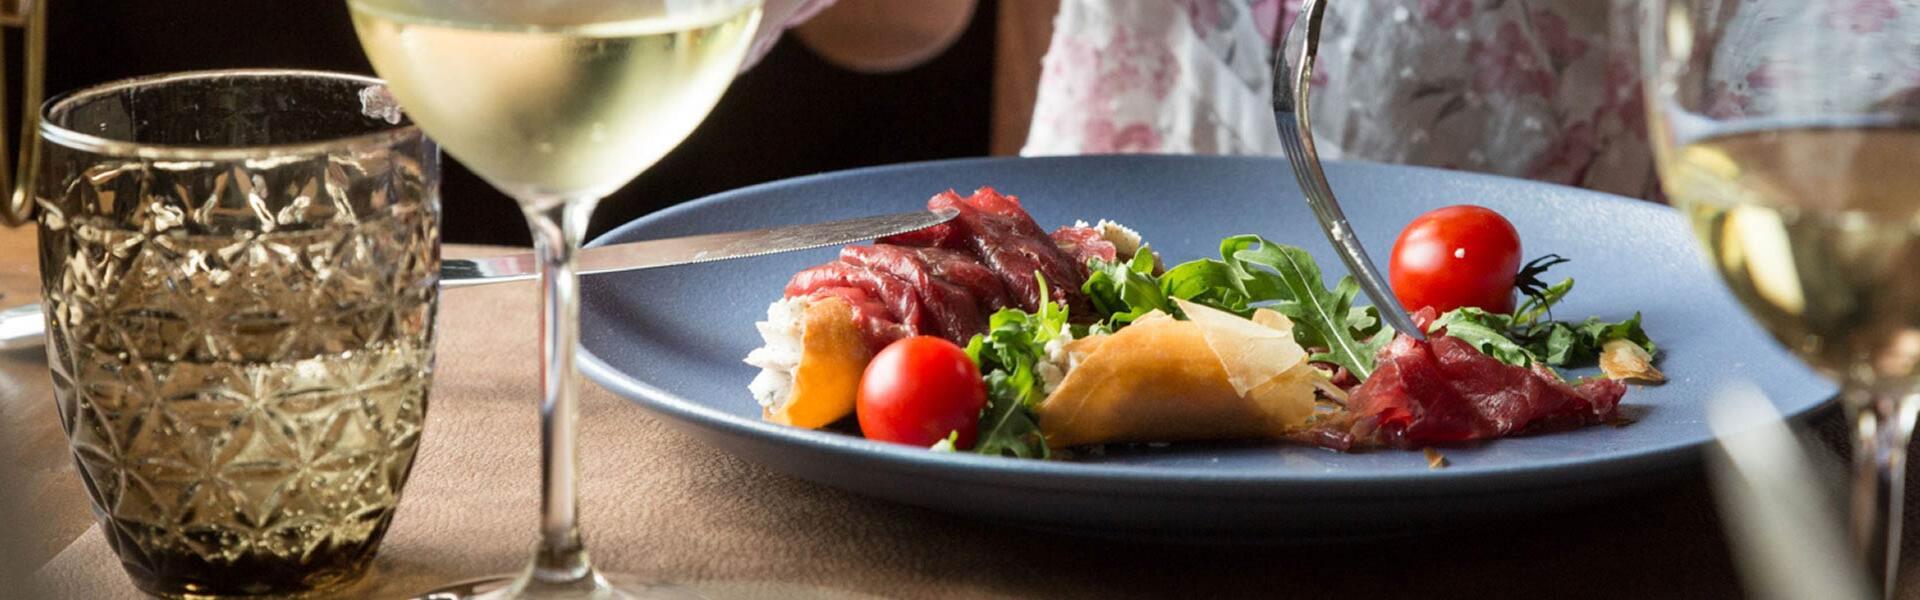 hotellaghetto it ristorante 004